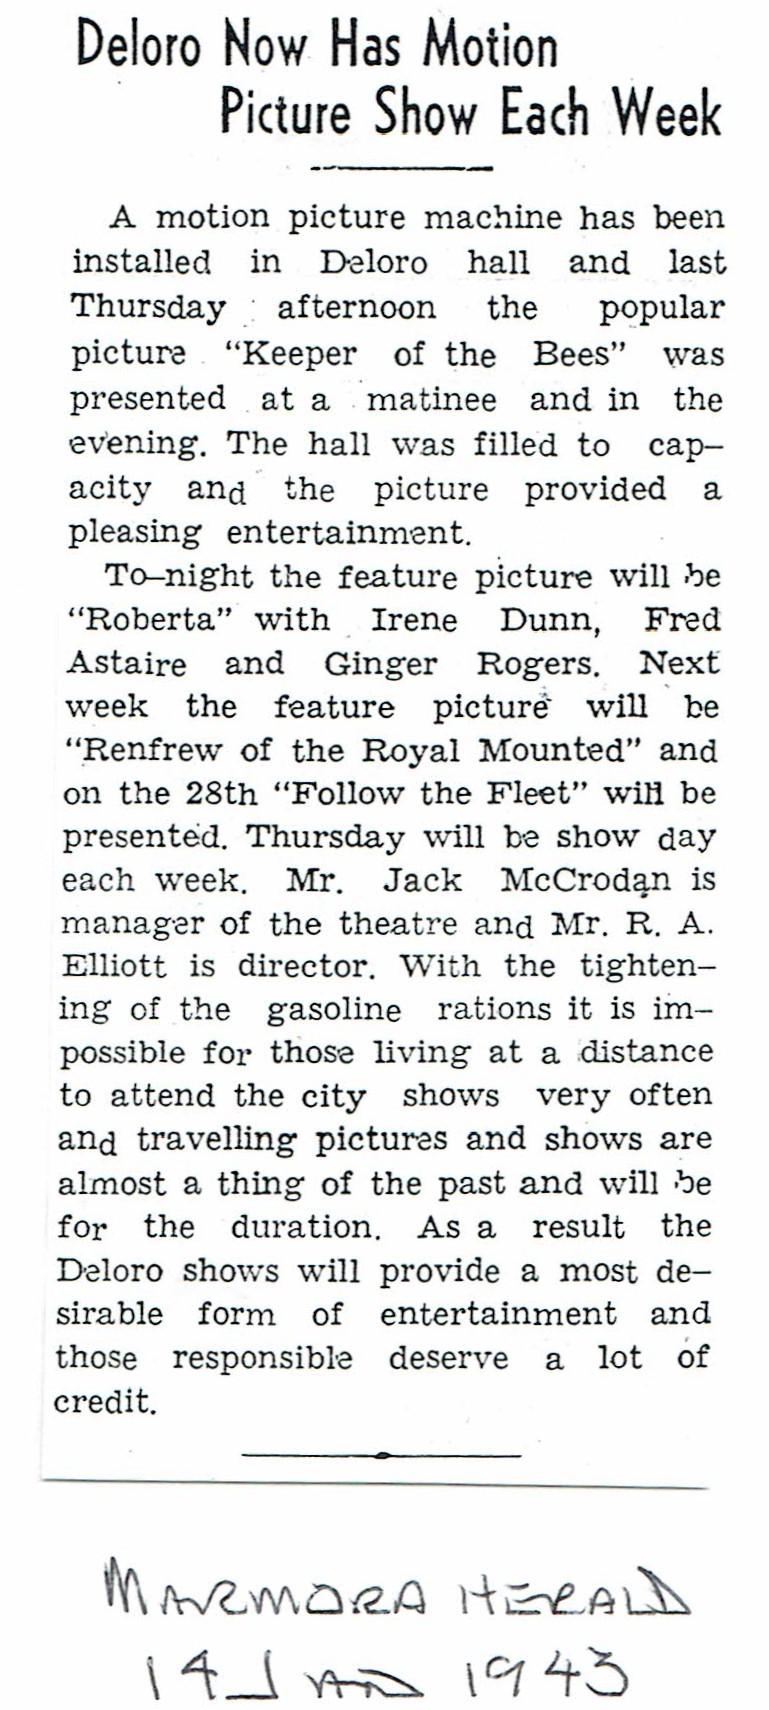 1943 Movies  in Deloro.jpg